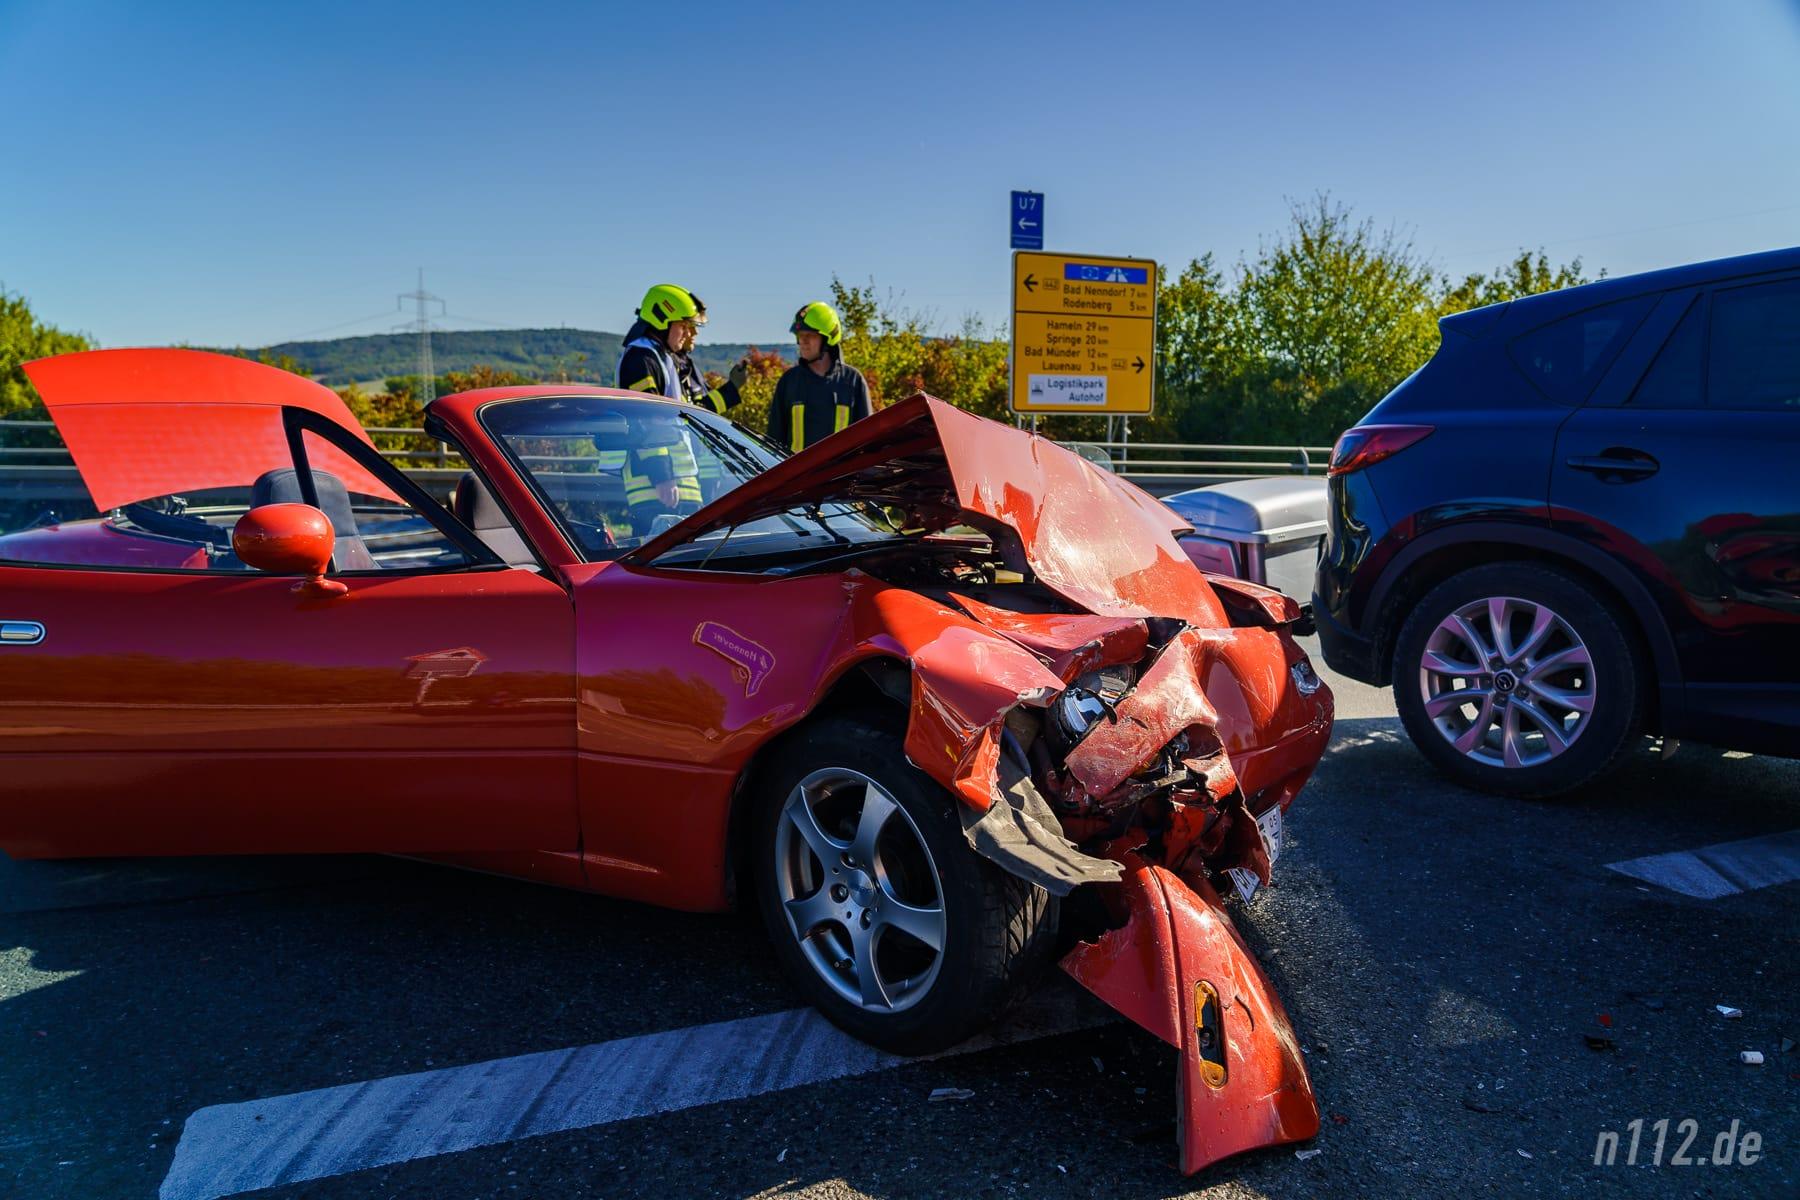 Das Mazda-Cabrio wurde erheblich beschädigt (Foto: n112.de/Stefan Simonsen)